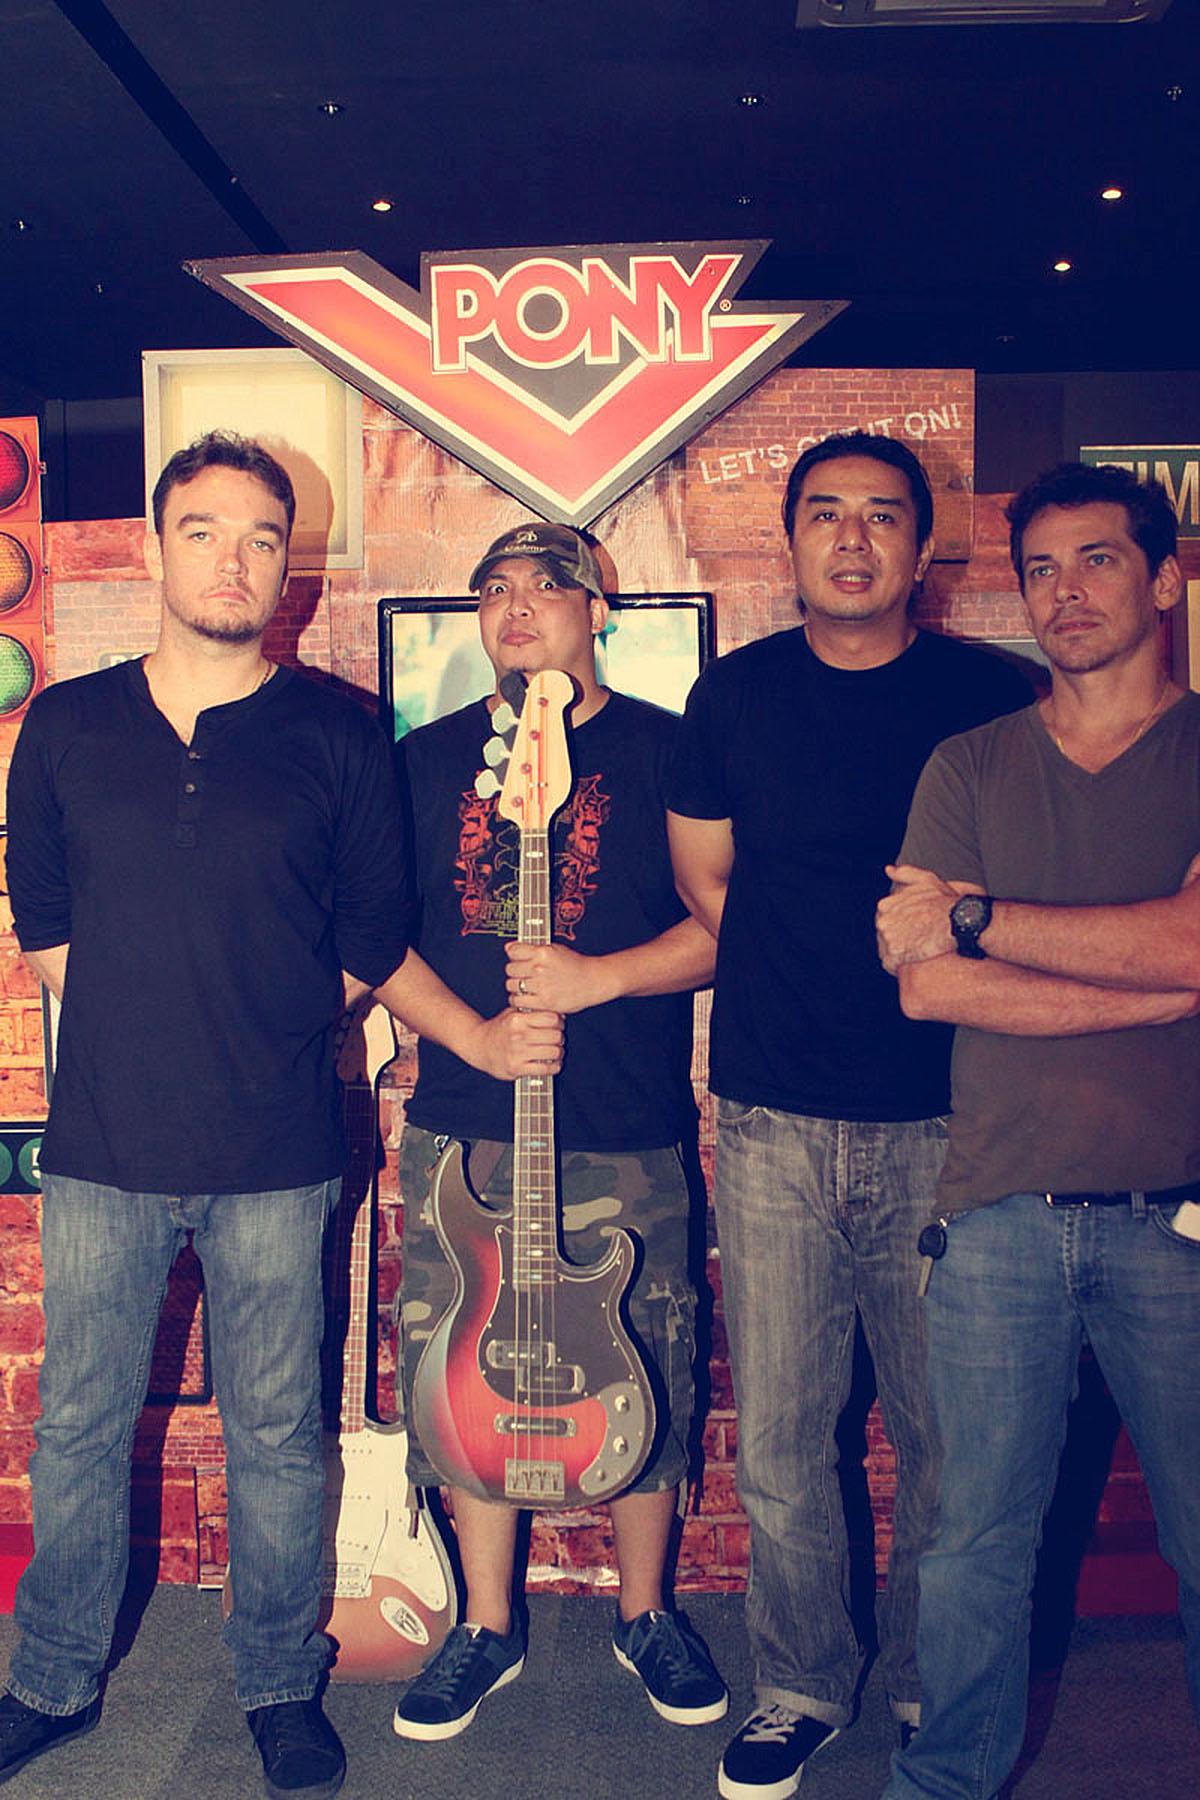 Wolfgang band left to right Basti Artadi, Francis Aquino, Mon Legaspi & Manuel Legarda